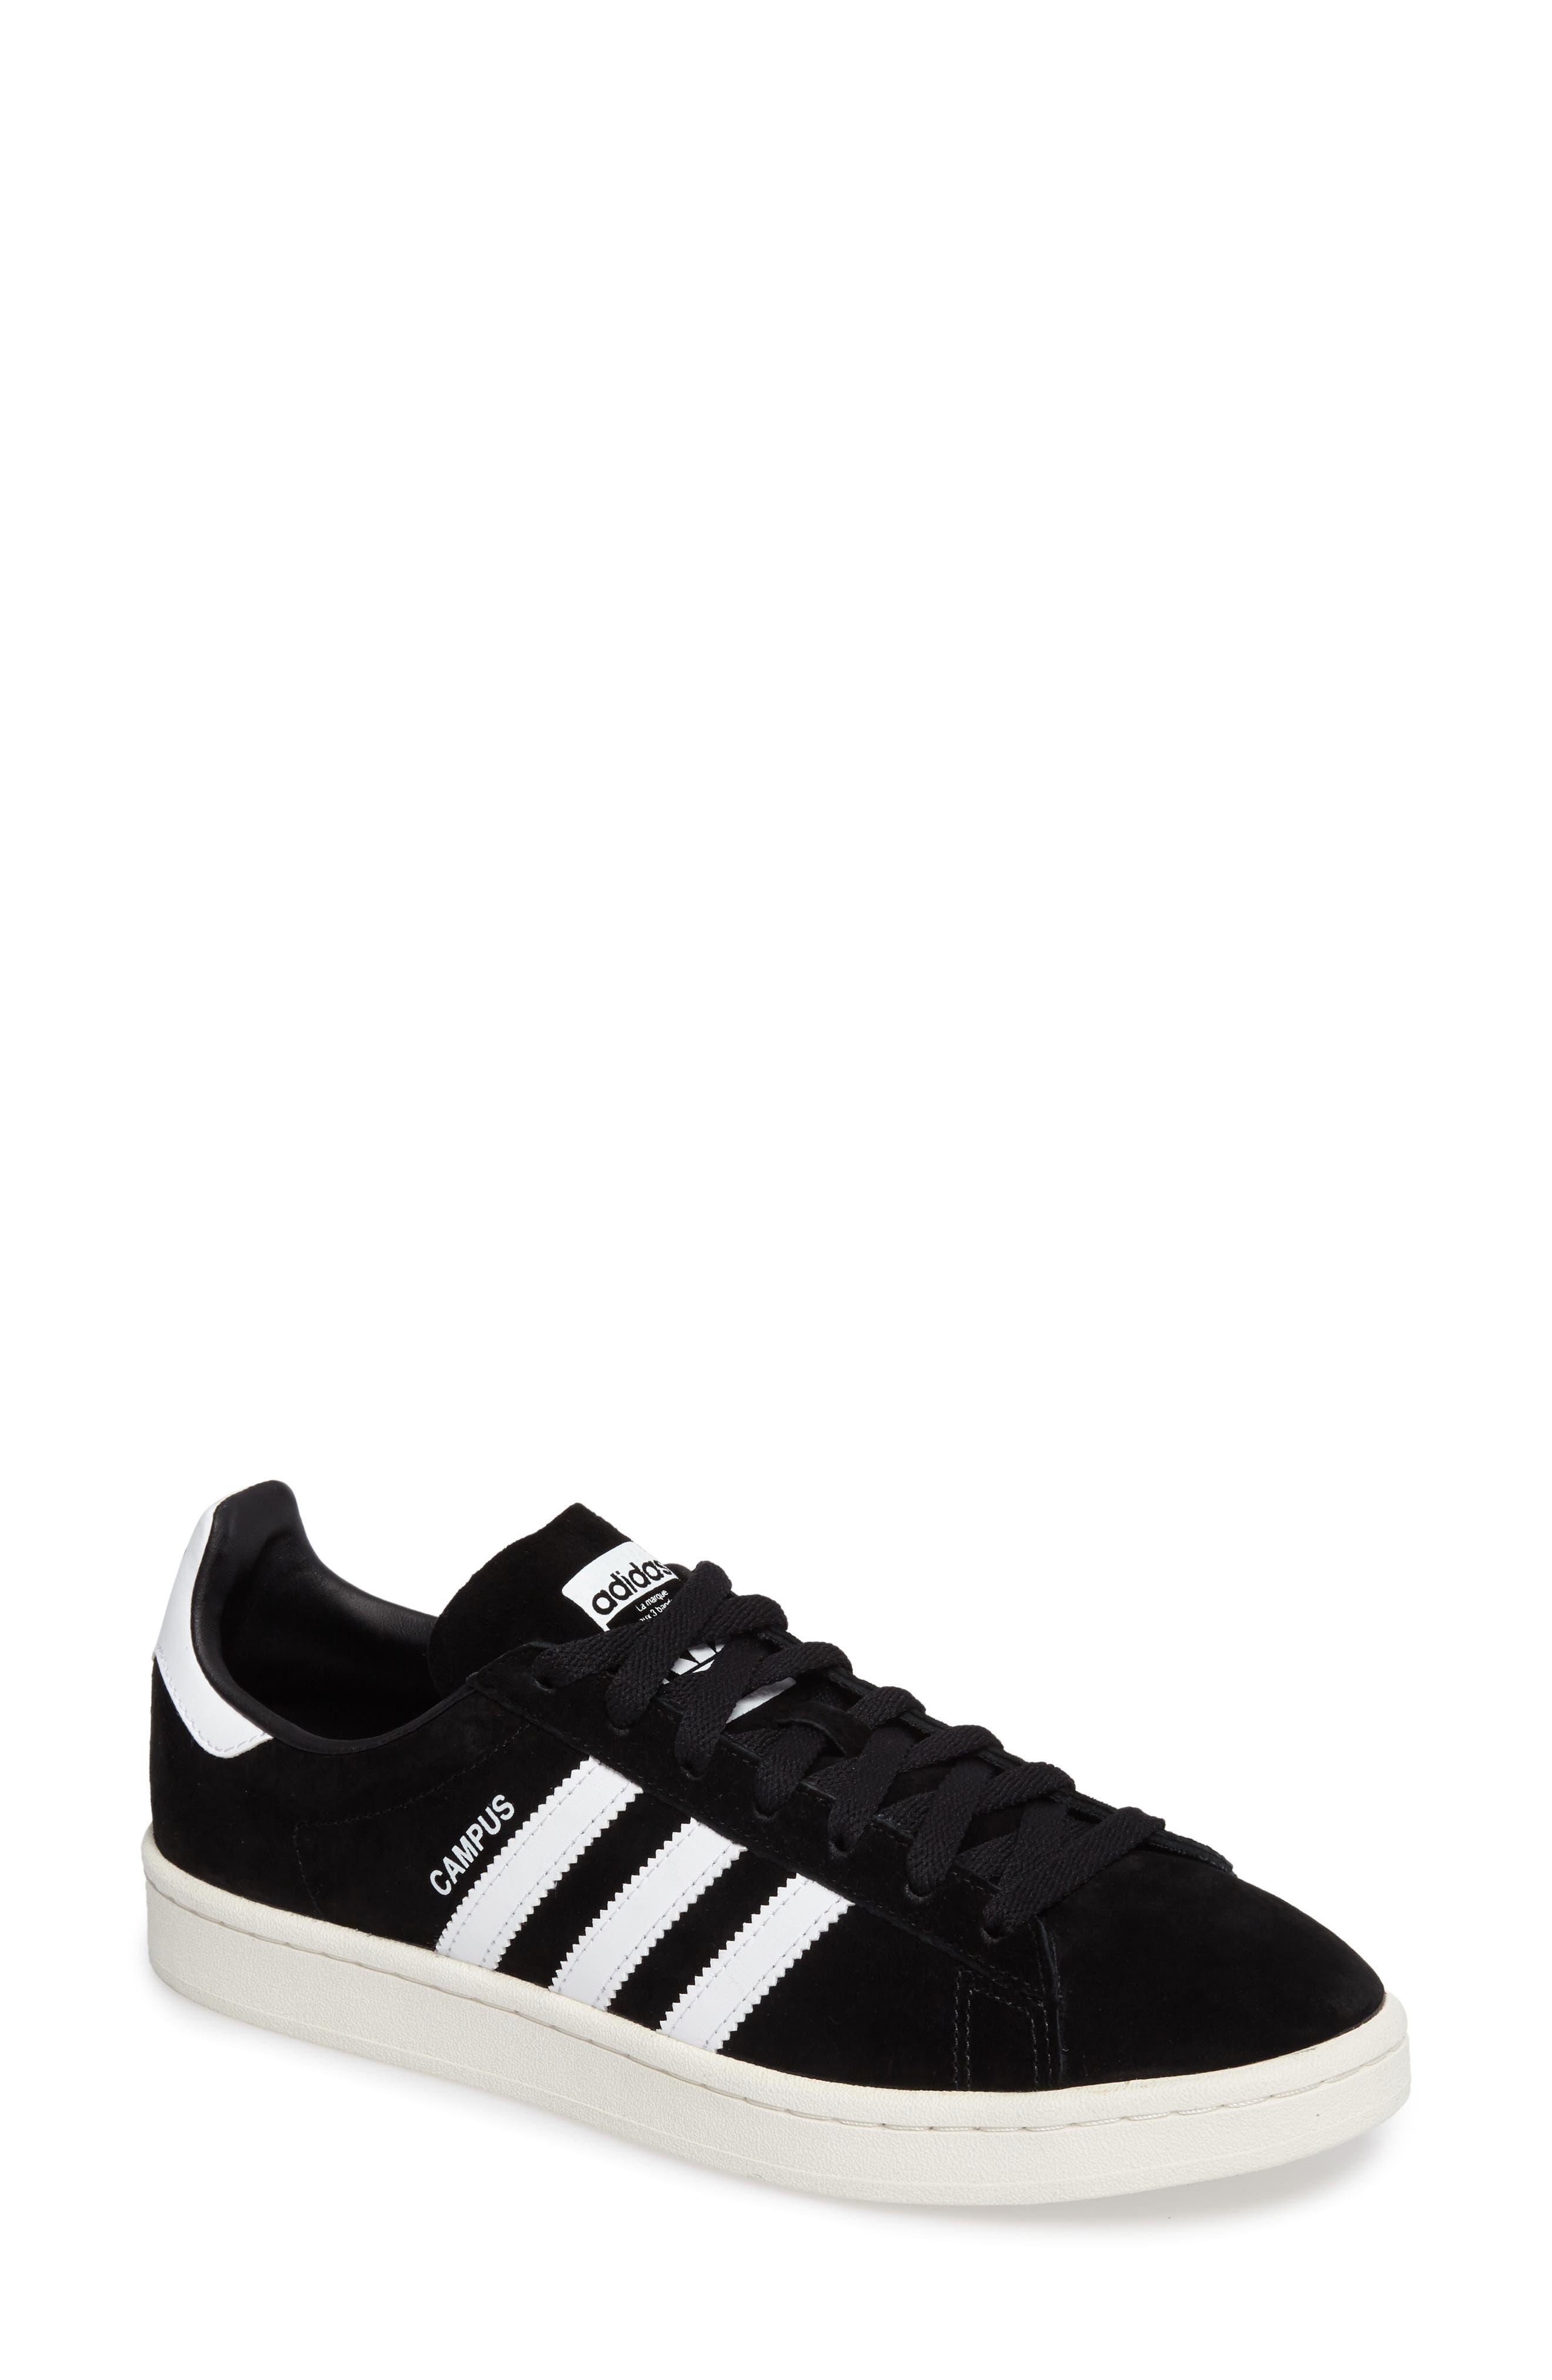 'Campus' Sneaker,                         Main,                         color, Core Black/ White